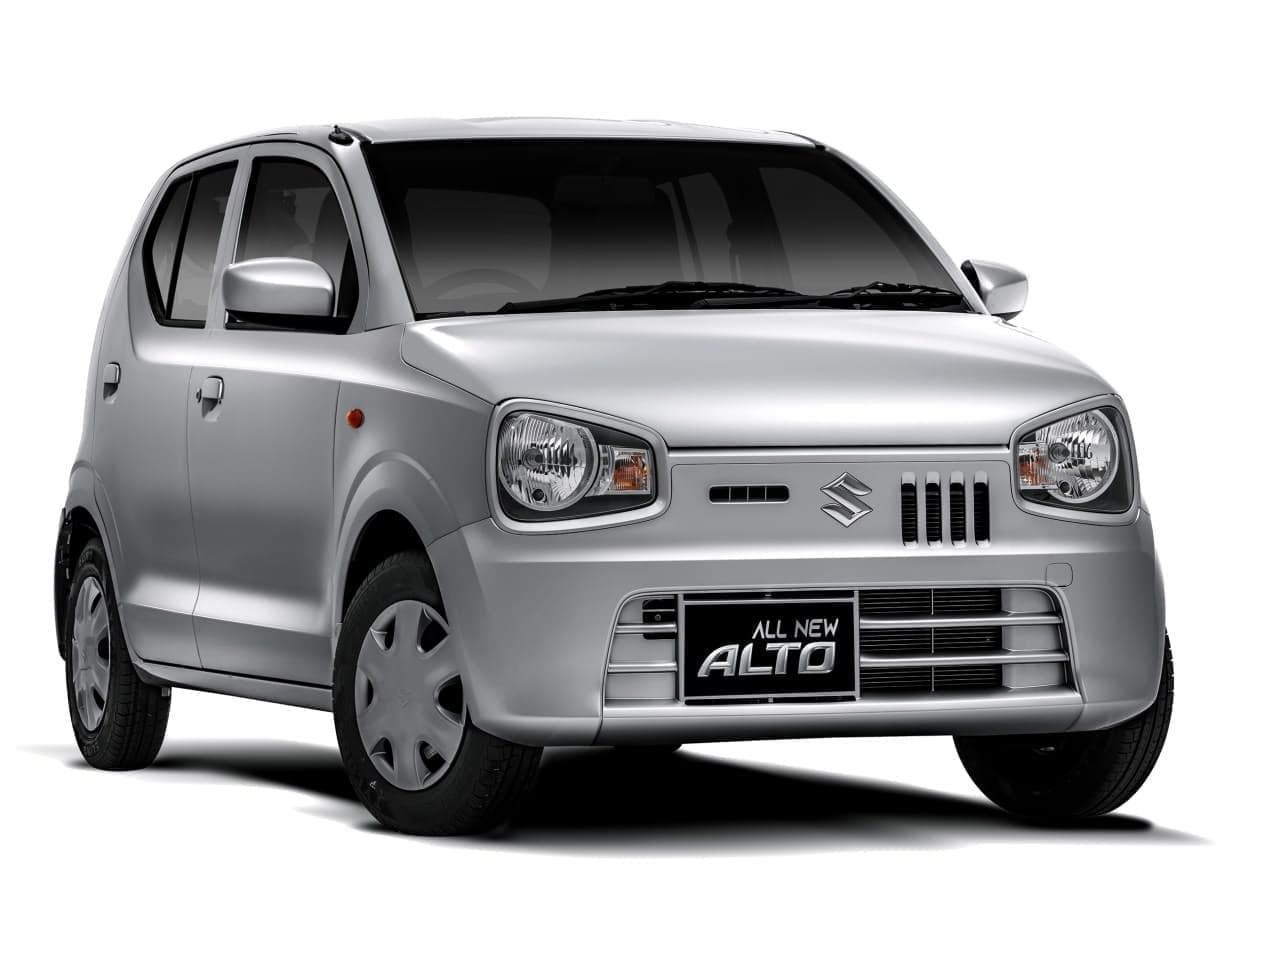 スズキがパキスタンで「アルト」を発売 - 日本の軽自動車規格のモデルをパキスタンでも